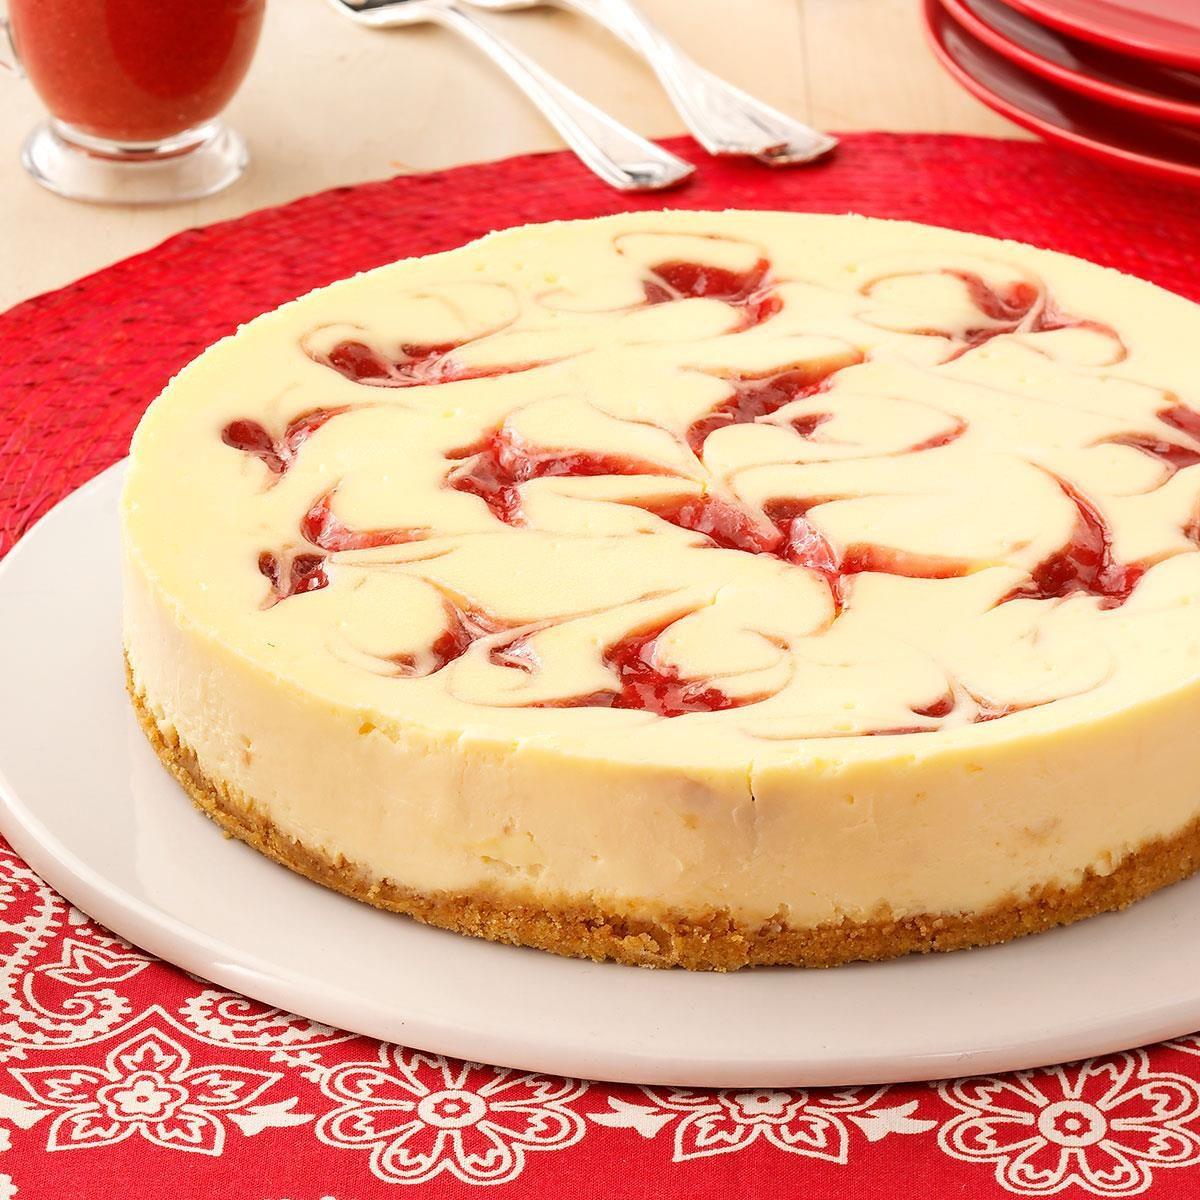 Strawberry Cheesecake Recipe: Strawberry Cheesecake Swirl Recipe